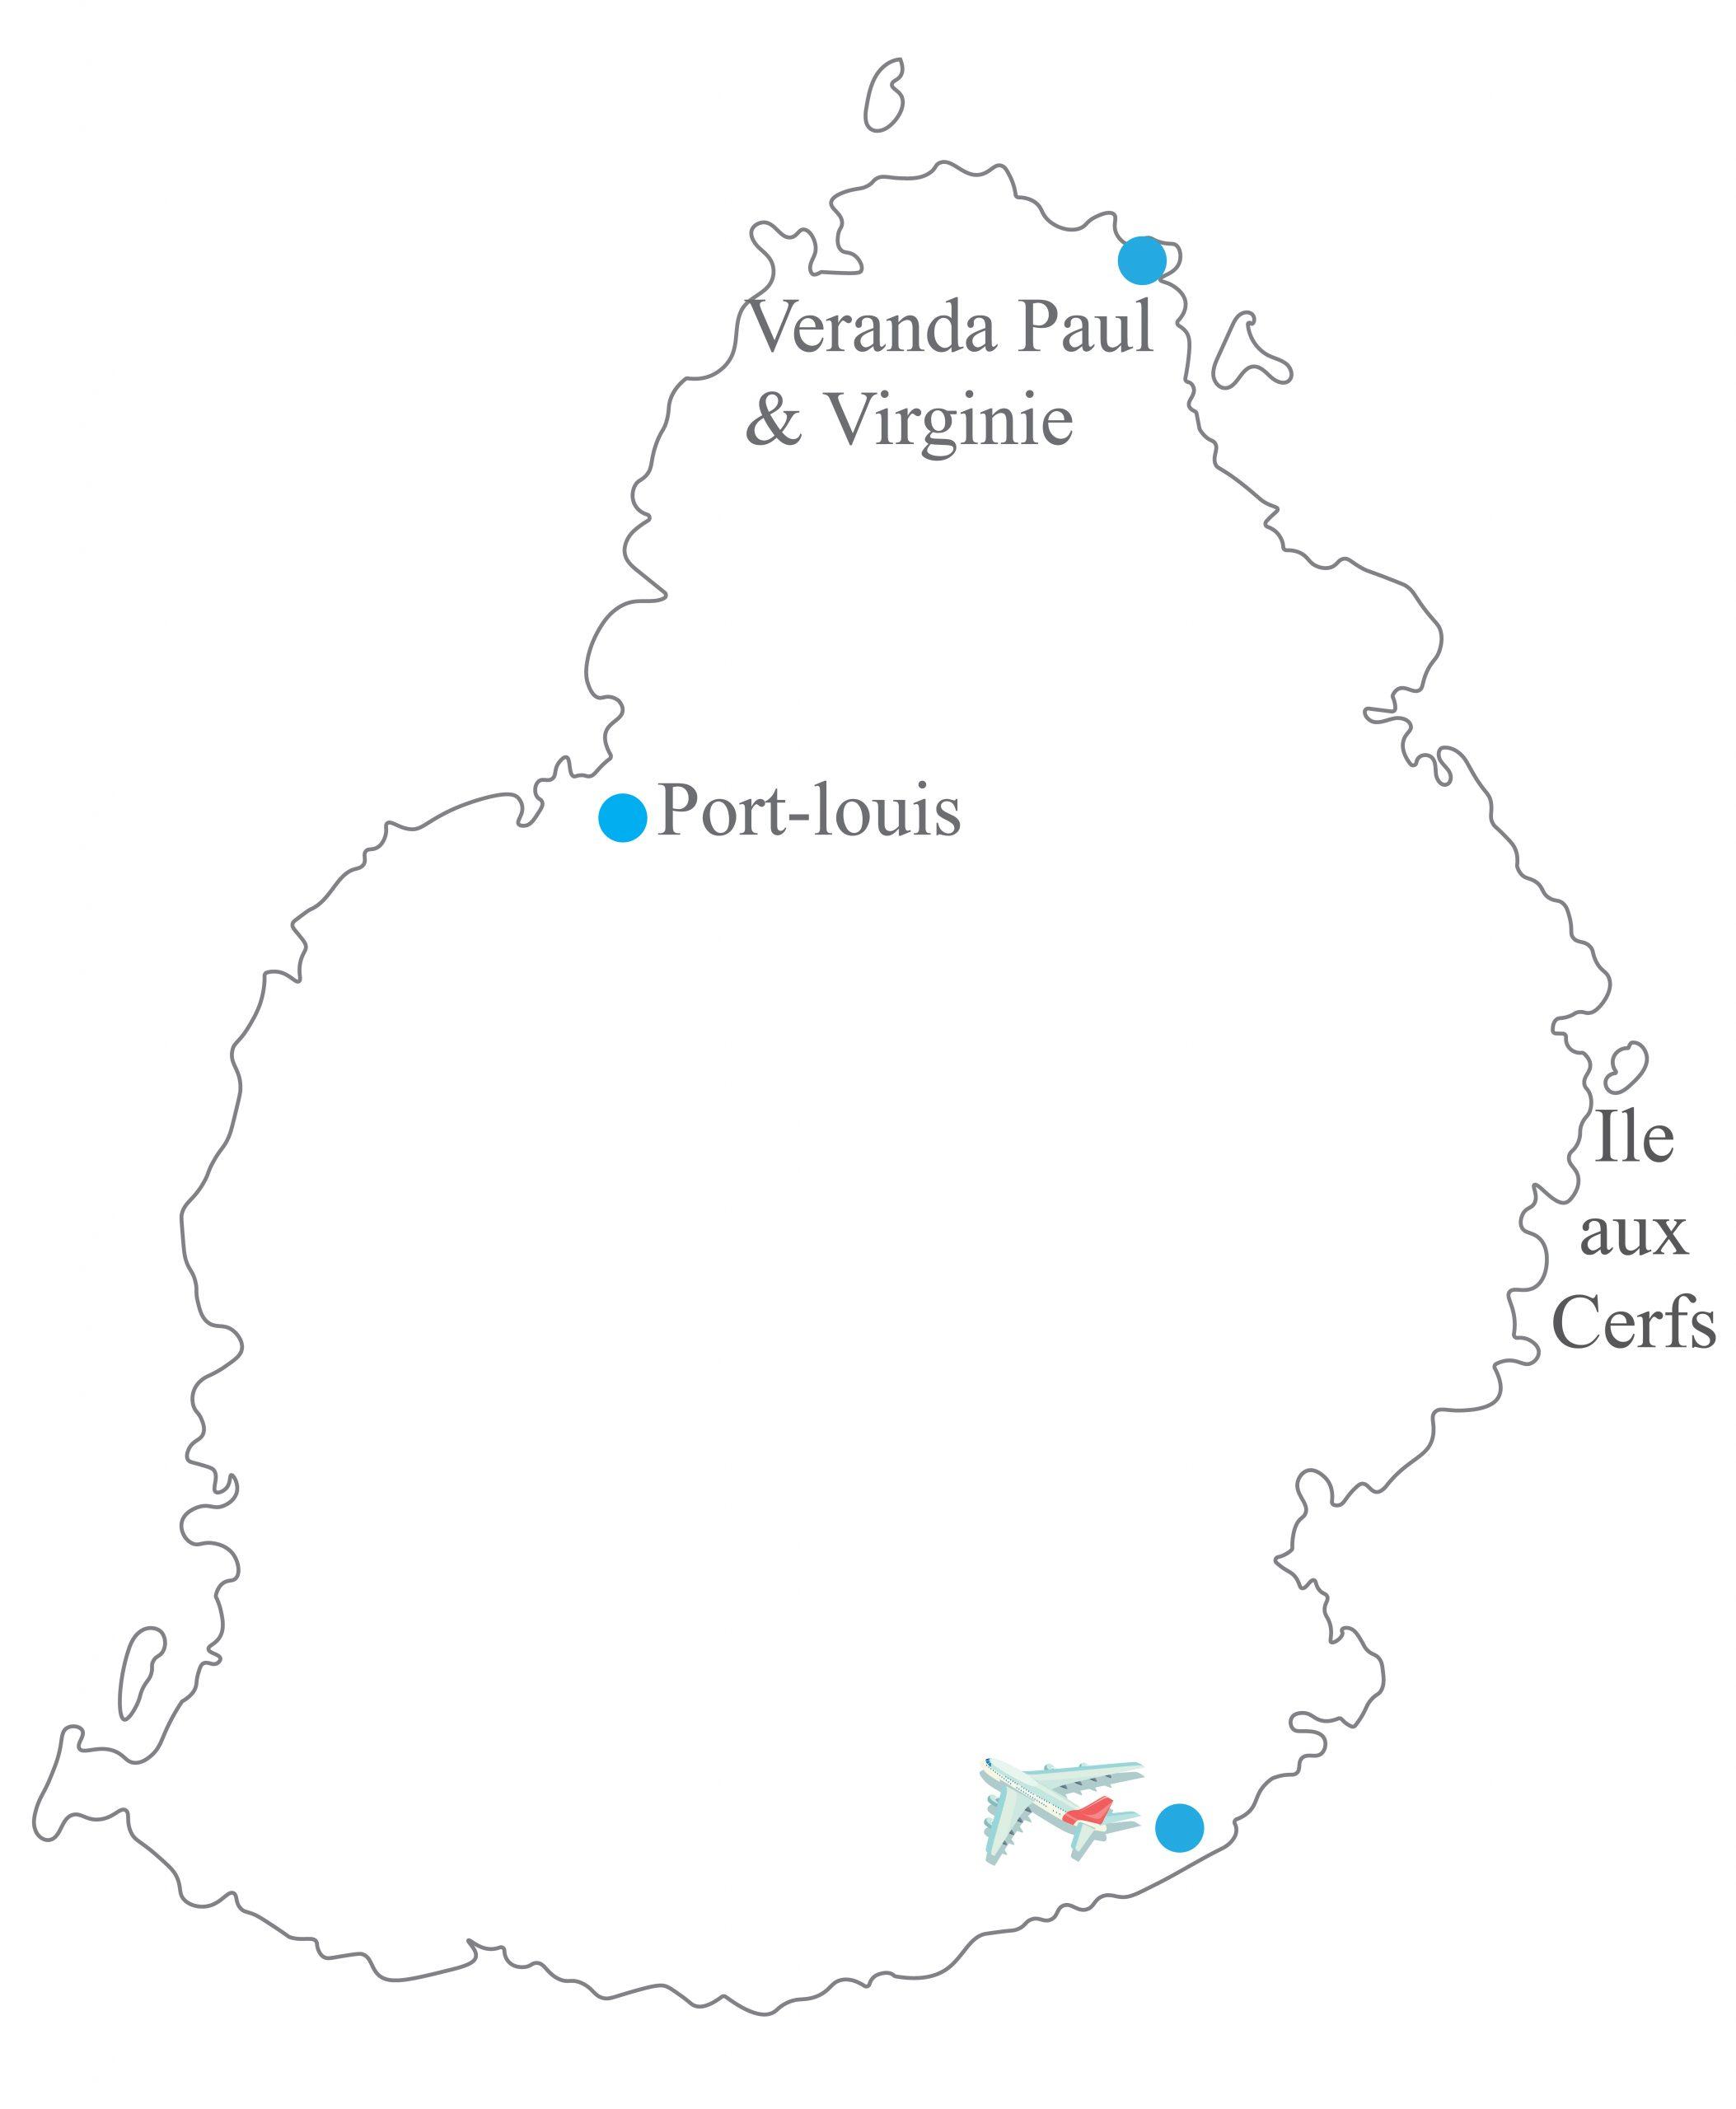 Veranda Paul & Virginie Mauritius